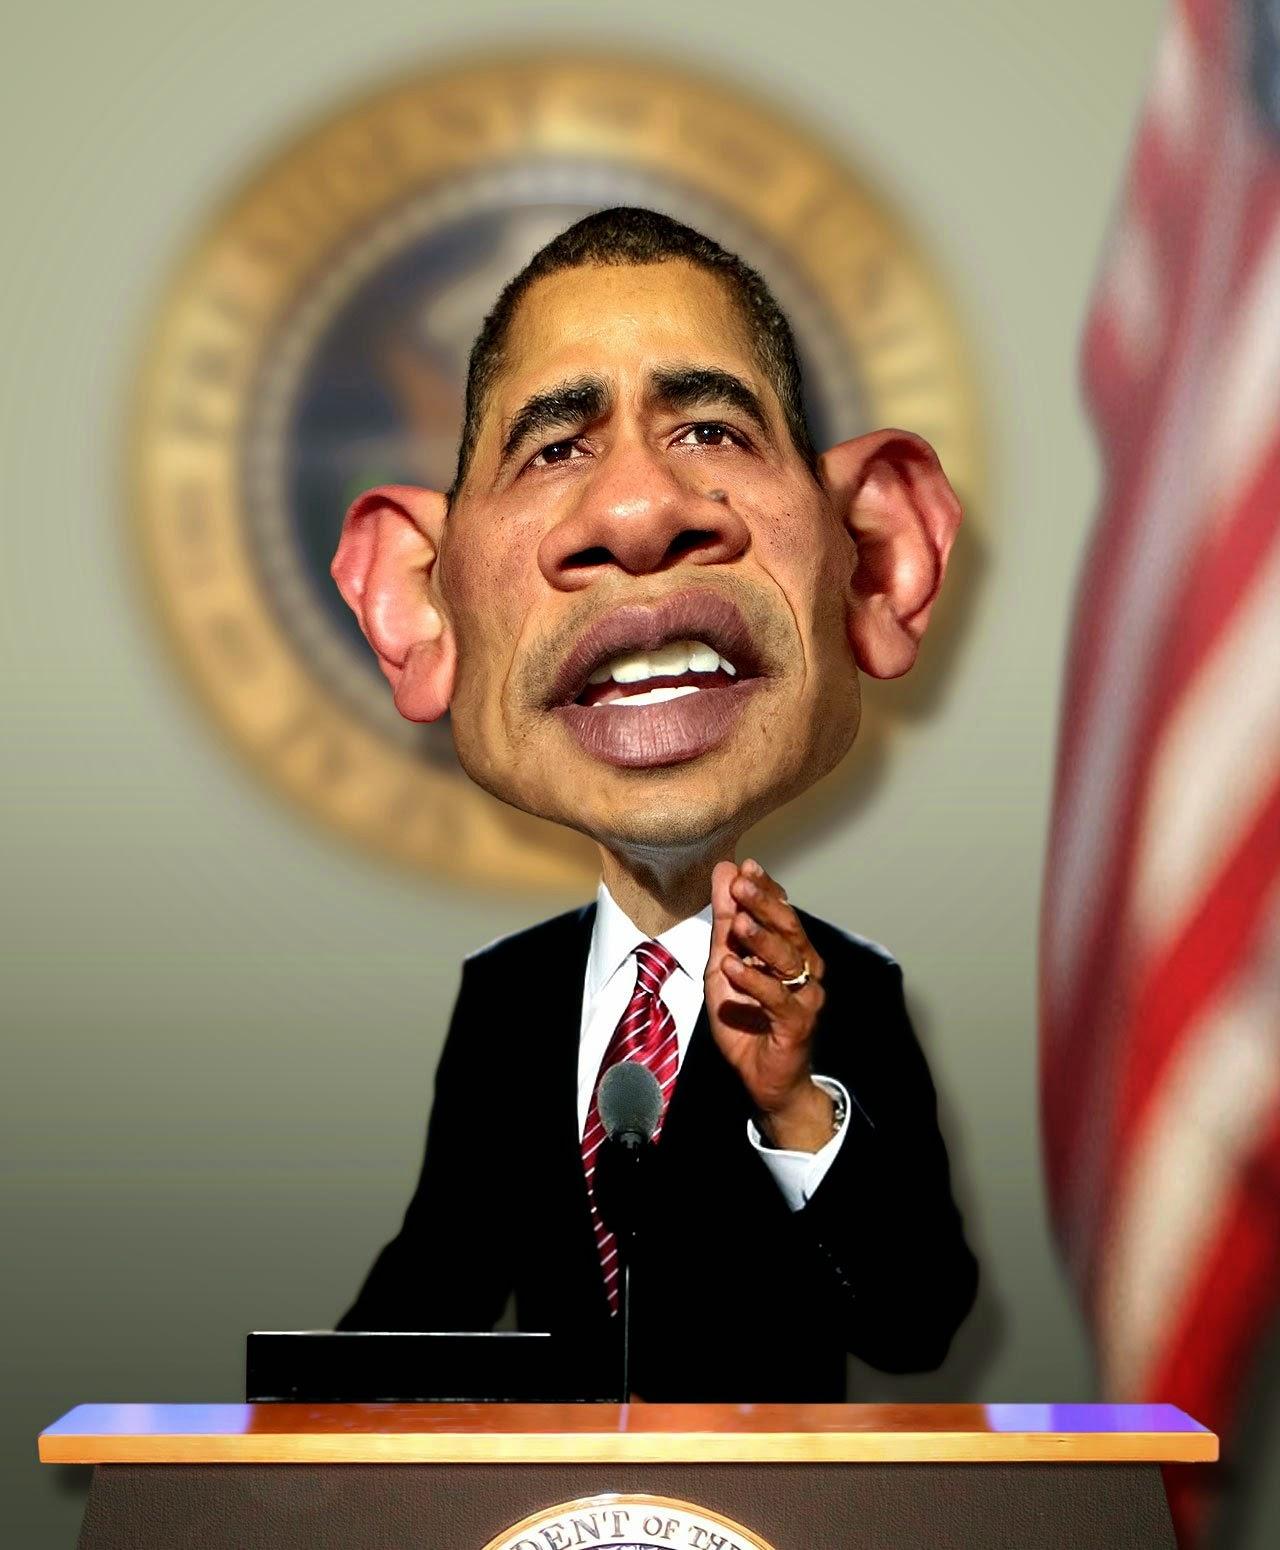 http://3.bp.blogspot.com/-3rT1w3SwzgY/U8pe8i13YBI/AAAAAAABH3c/sDUZmtoGSLs/s1600/Obama_Portrait.jpg